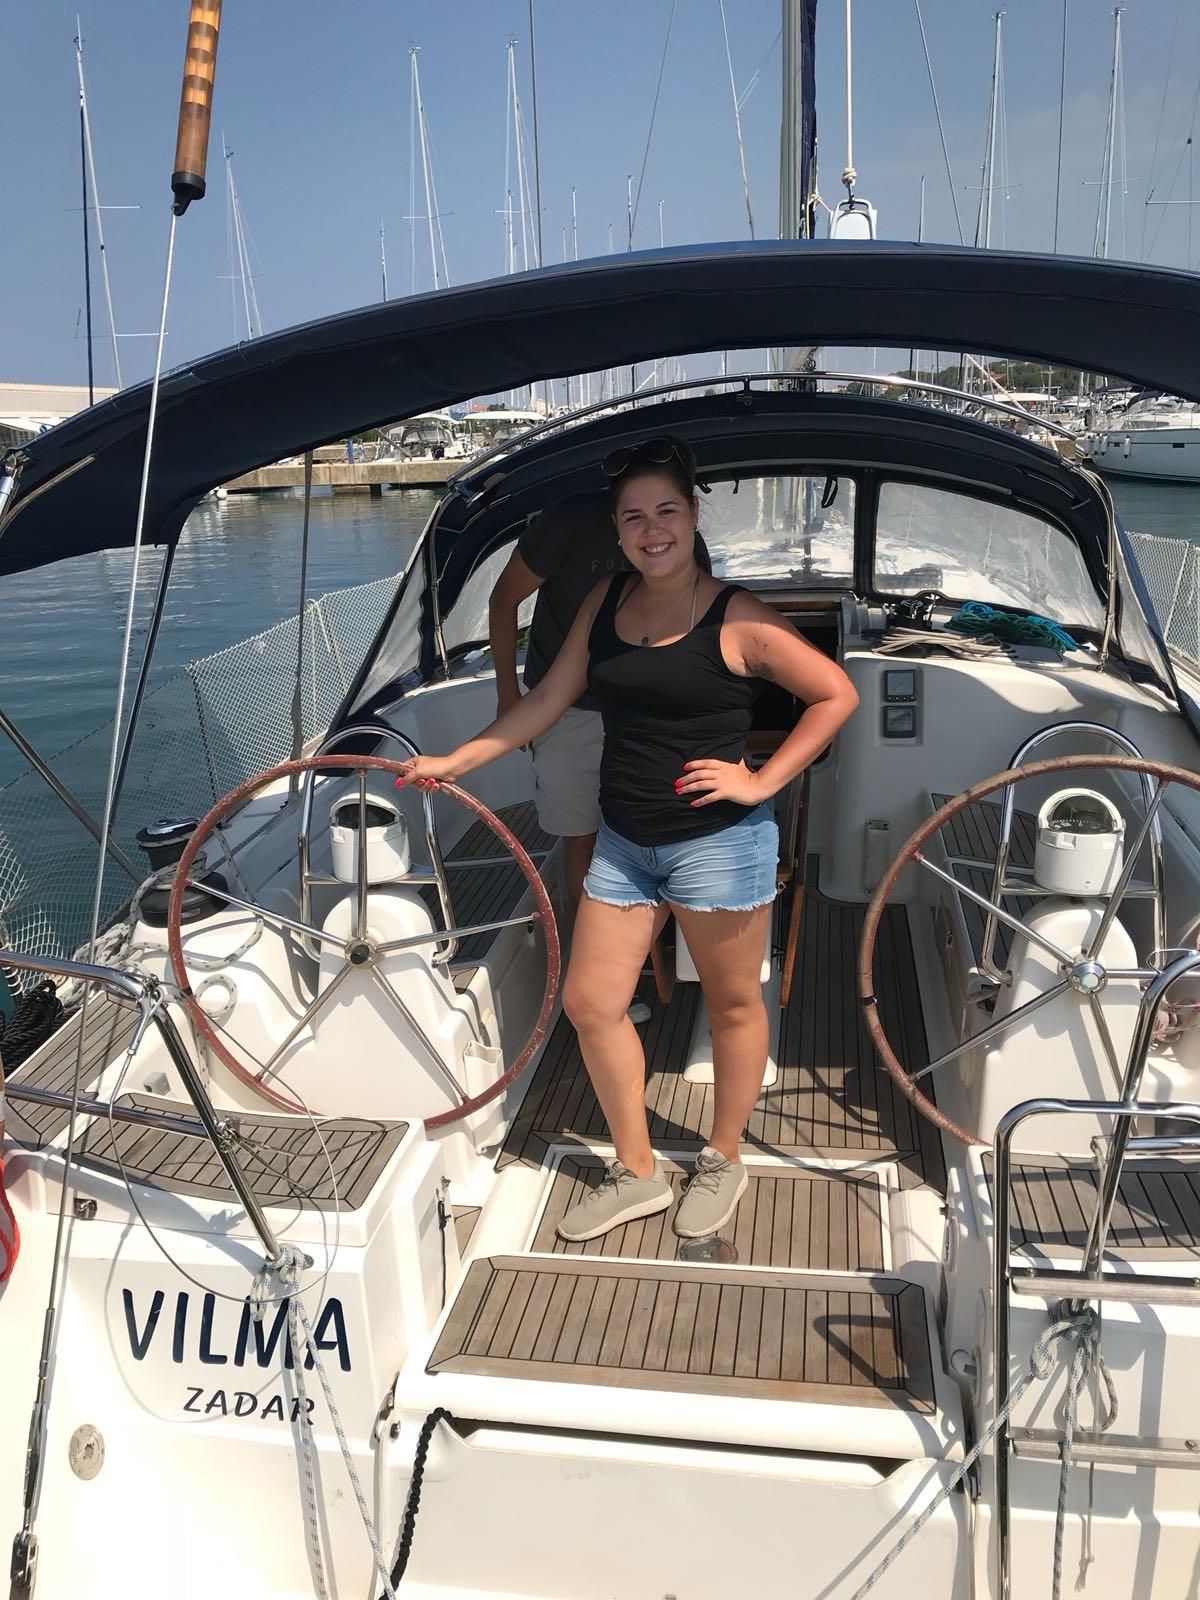 Master Yachting Crewmitglied am Steuer einer Yacht beim Skippertraining